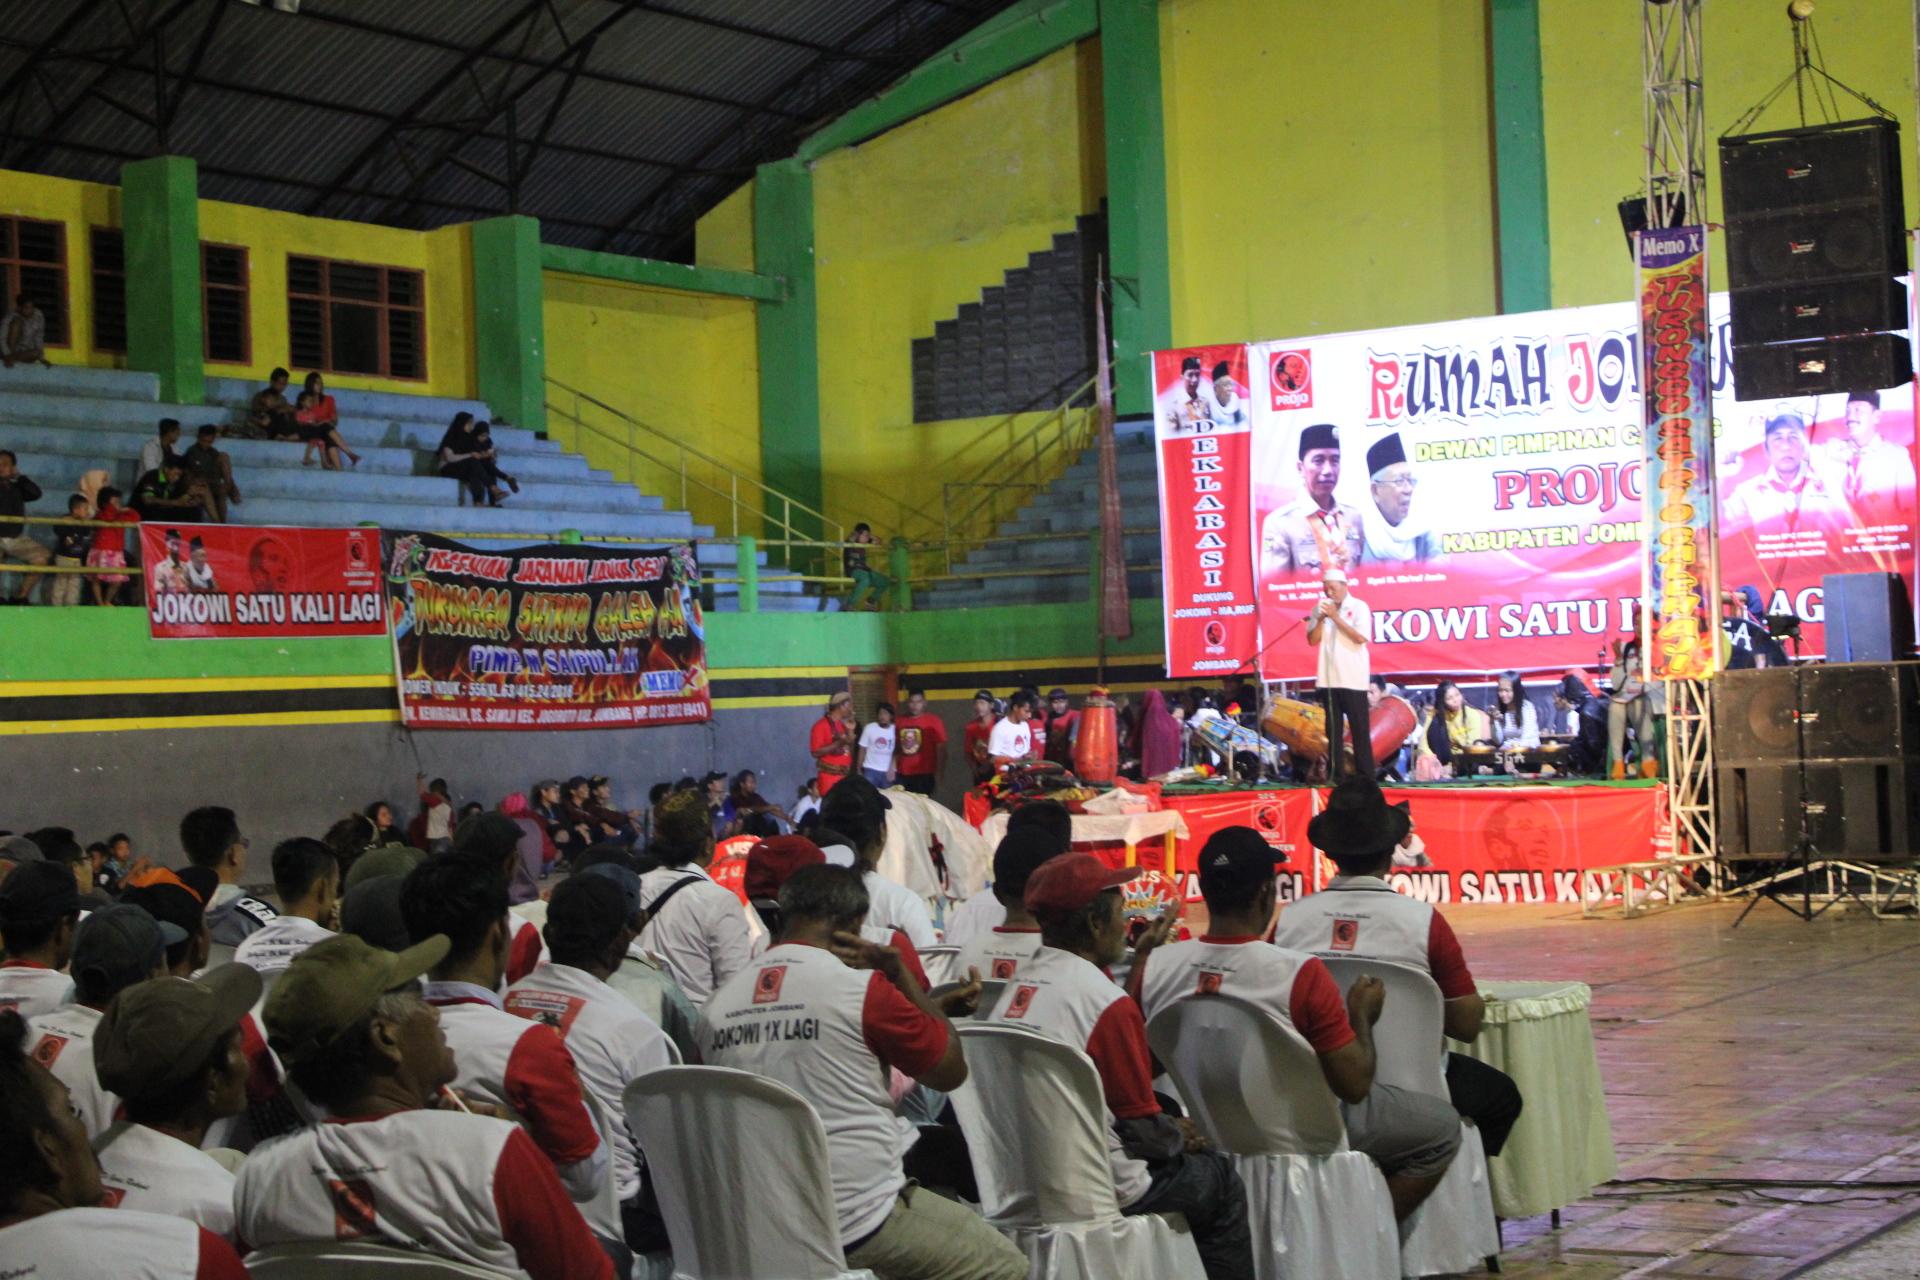 Suasana deklarasi DPC Projo Kabupaten Jombang untuk pemenangan Jokowi-Ma